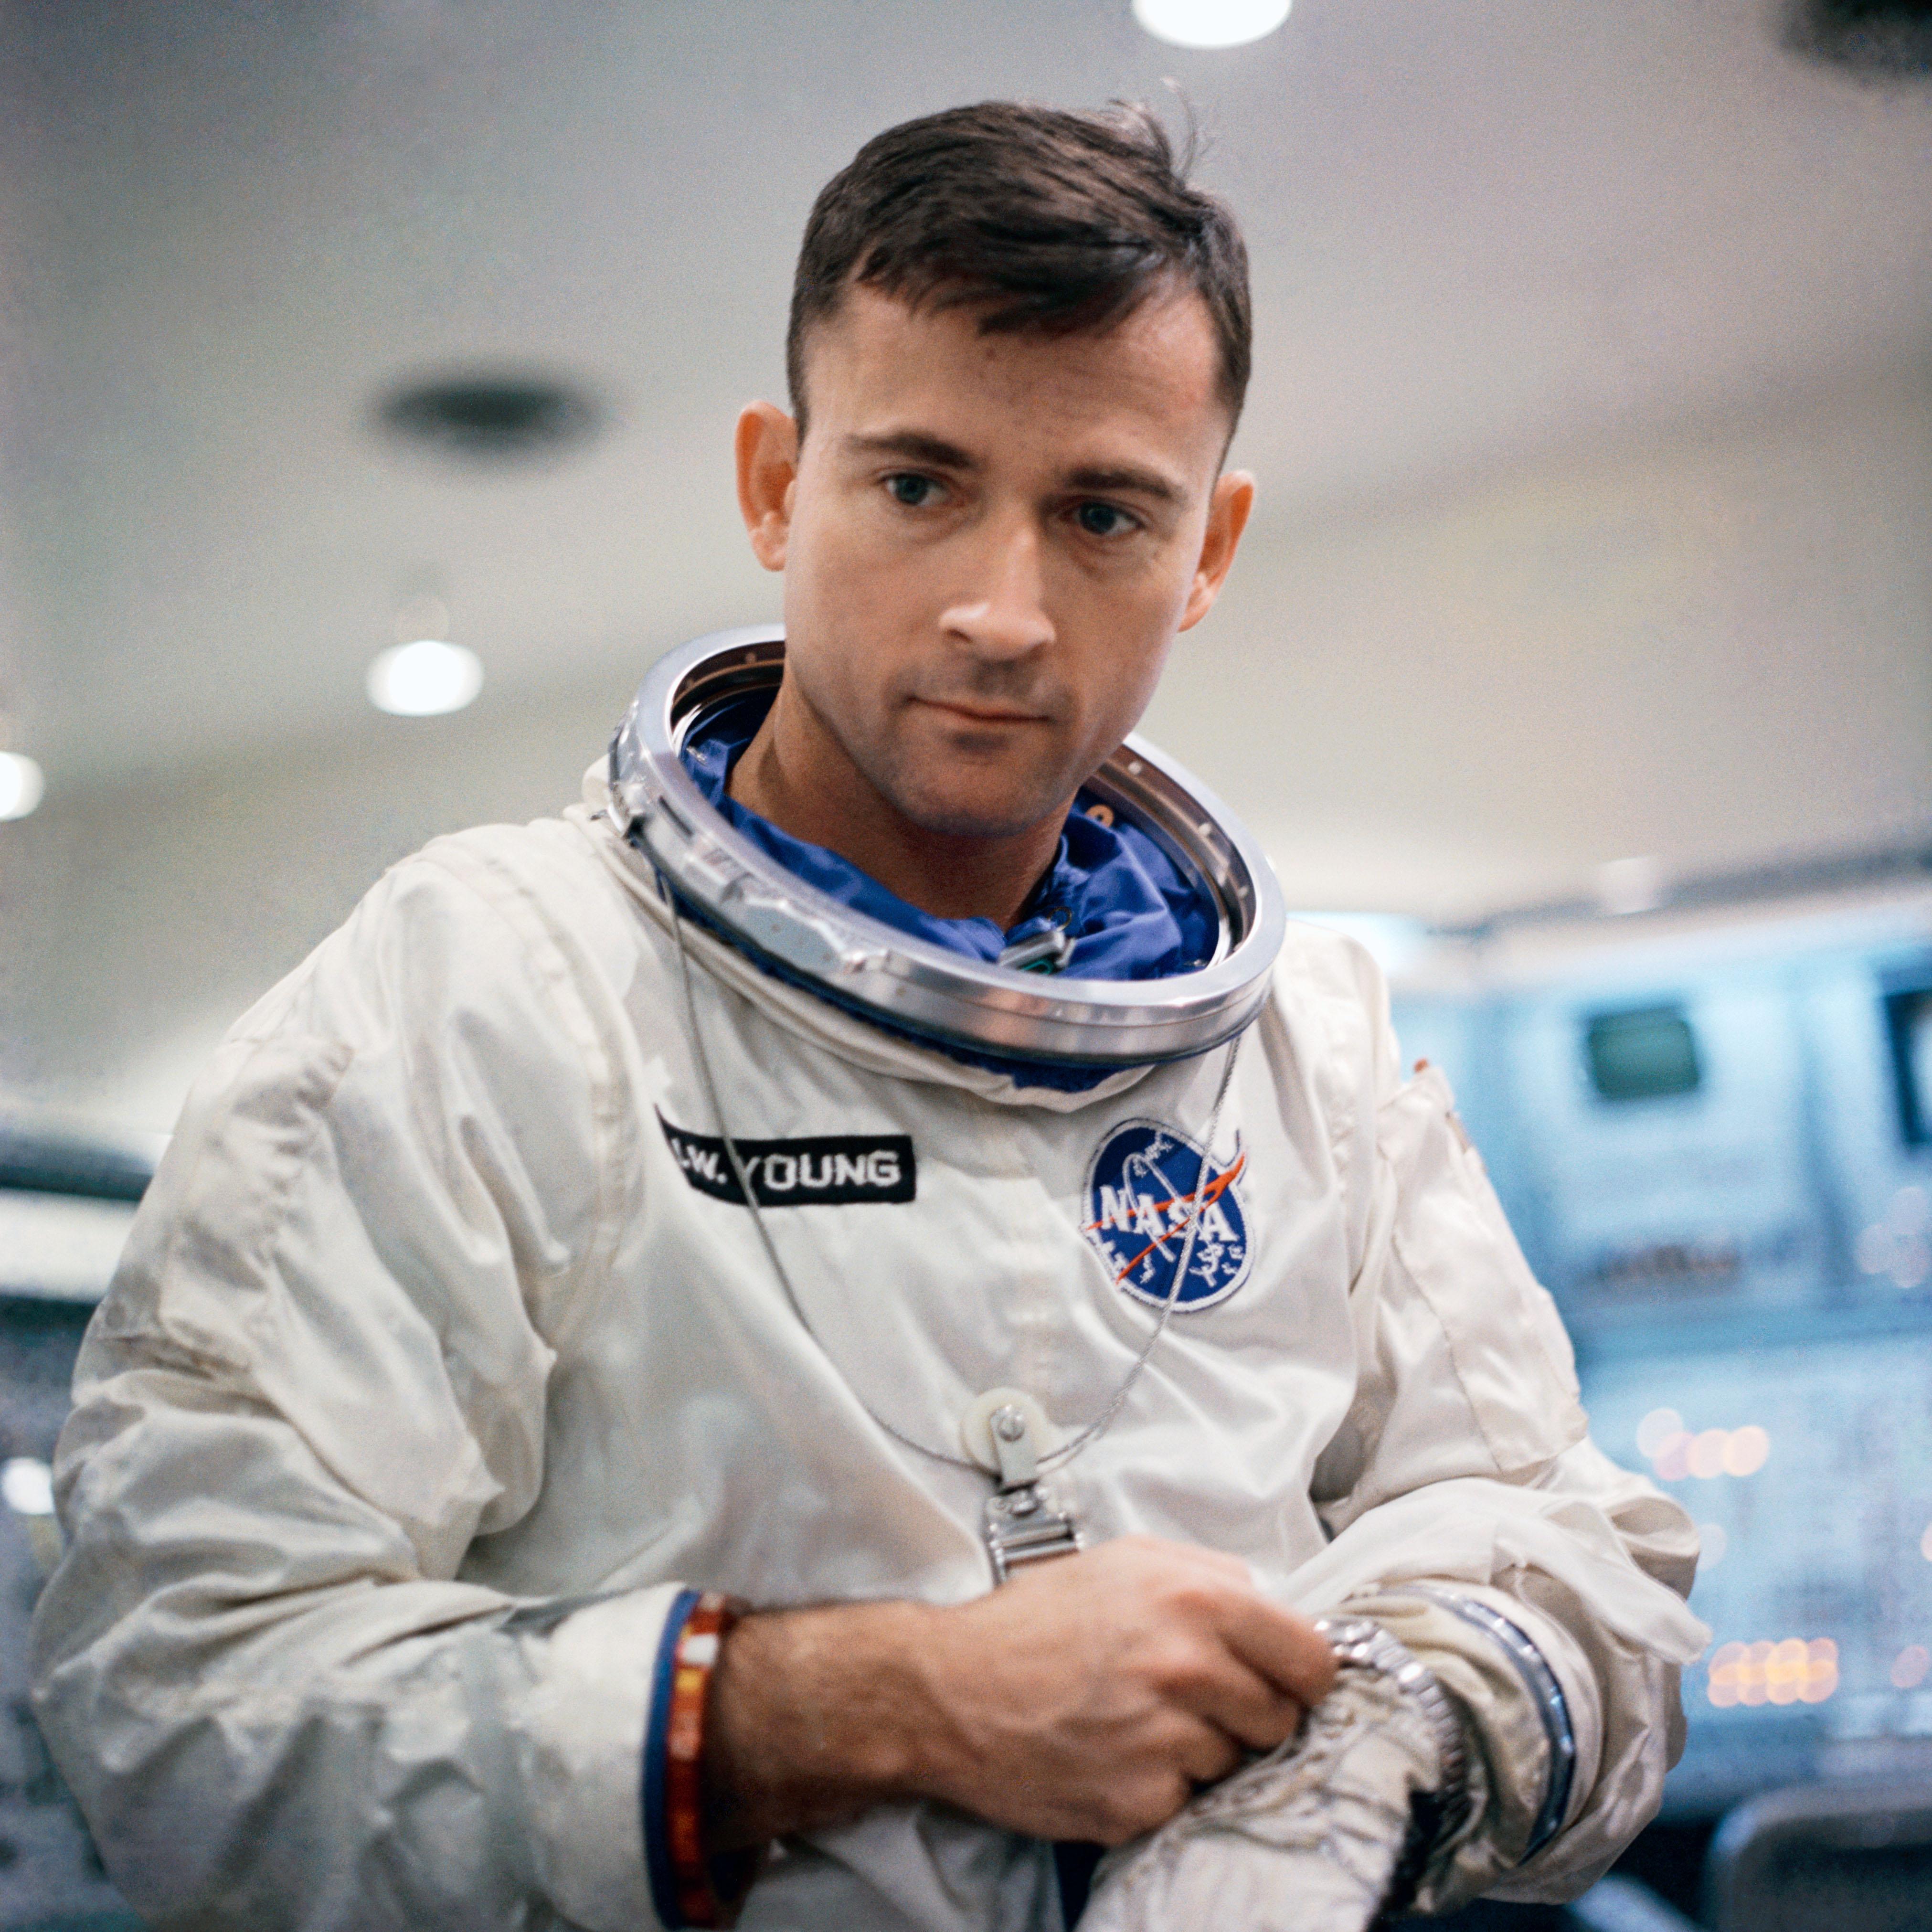 File:Astronaut John Young gemini 3.jpg - Wikipedia